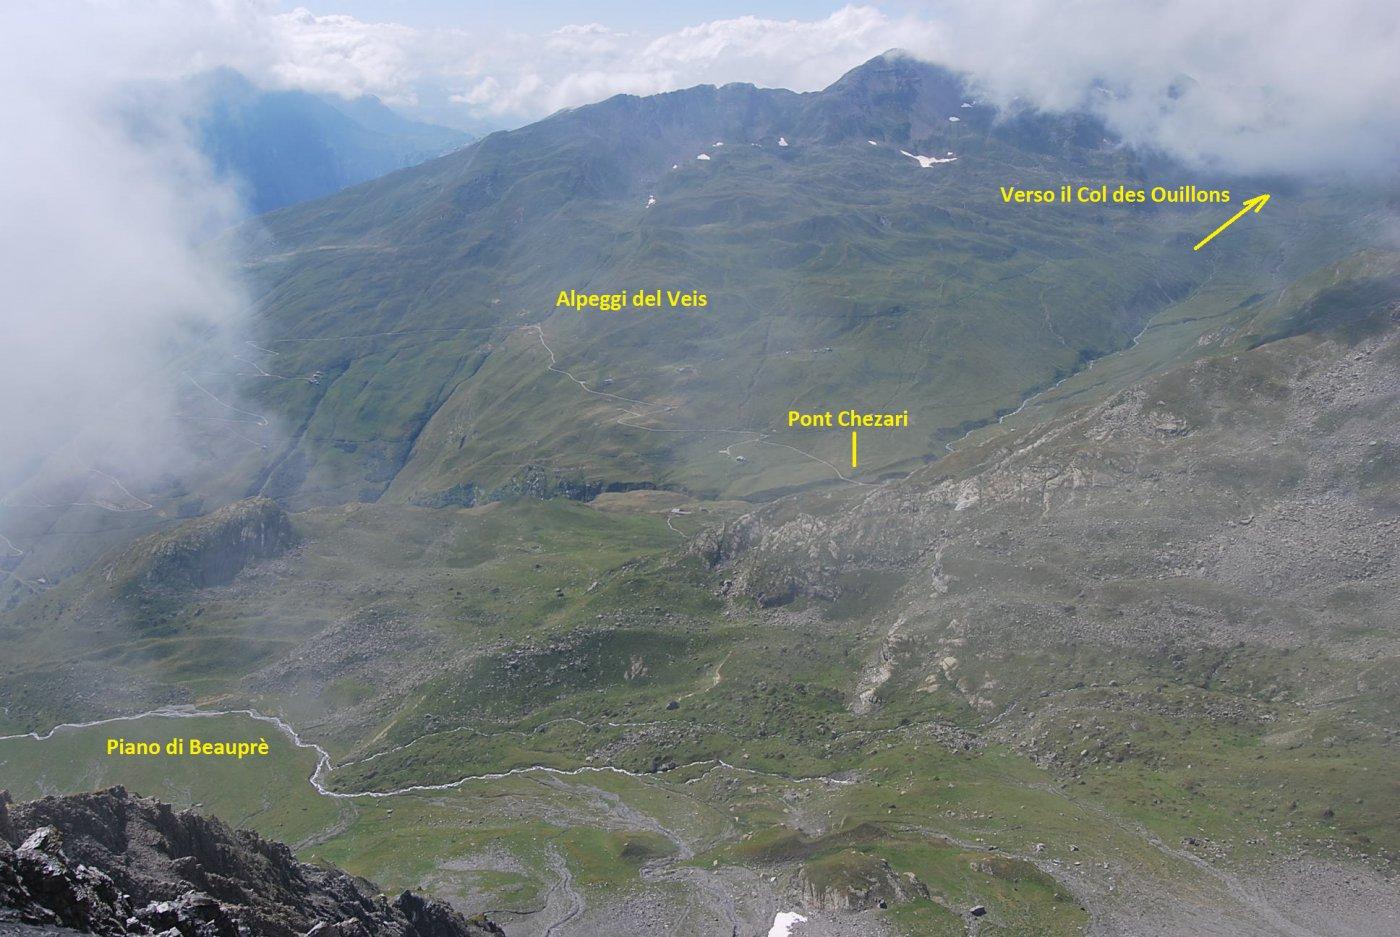 Nell'unica schiarita: vista verso il Col des Ouillons e gli Alpeggi del Veis